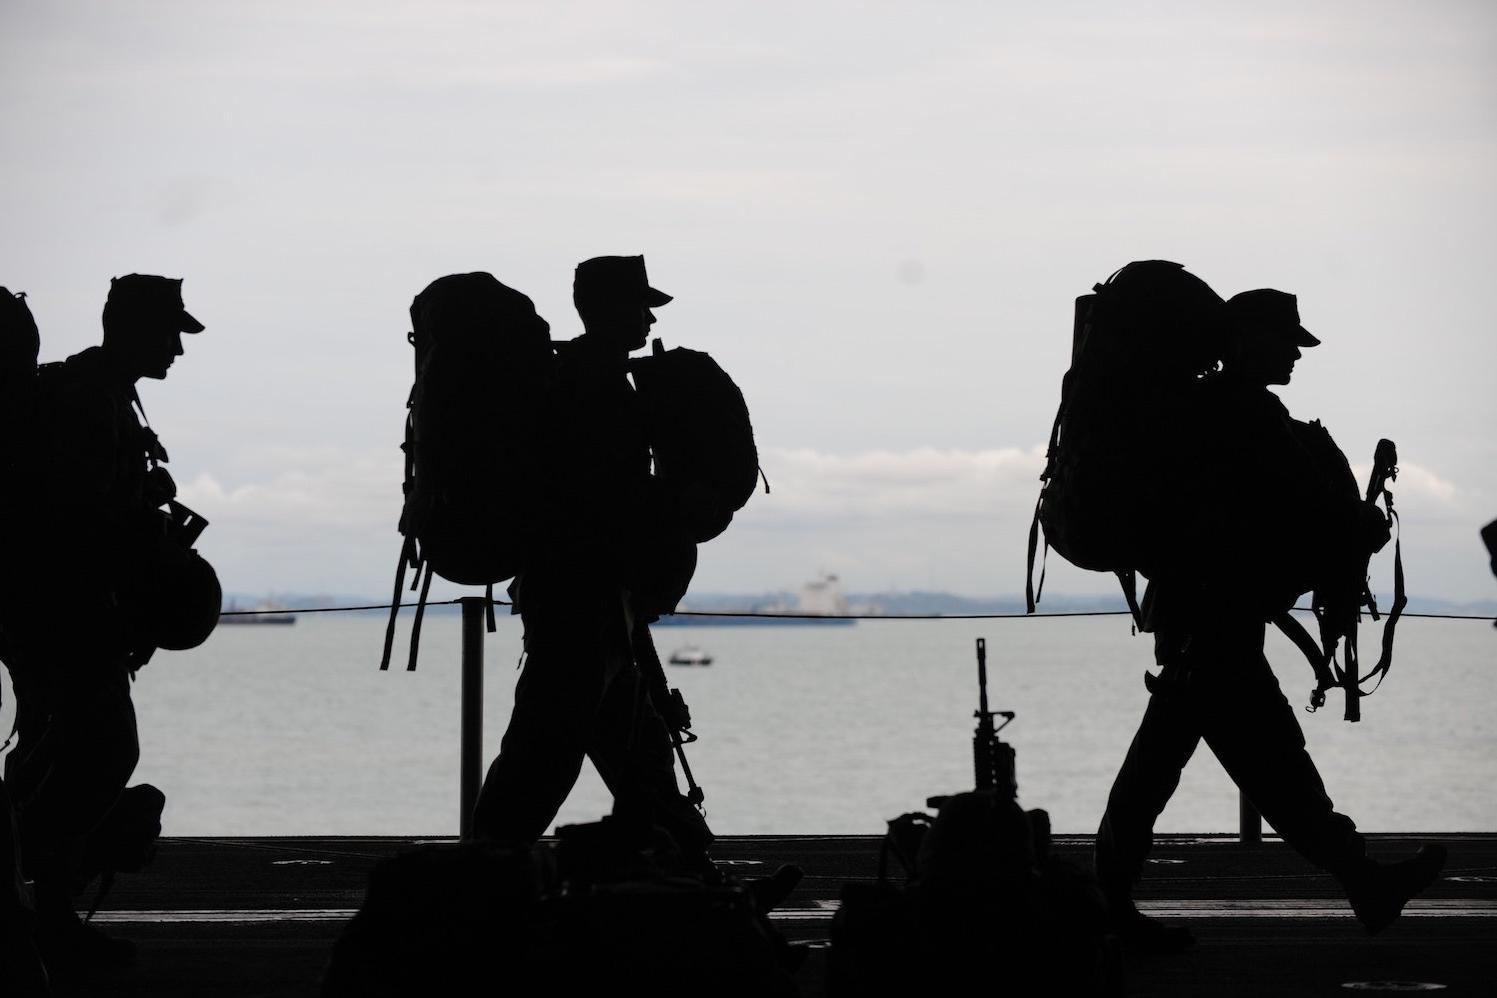 退伍军人的一天军事和平转移权力